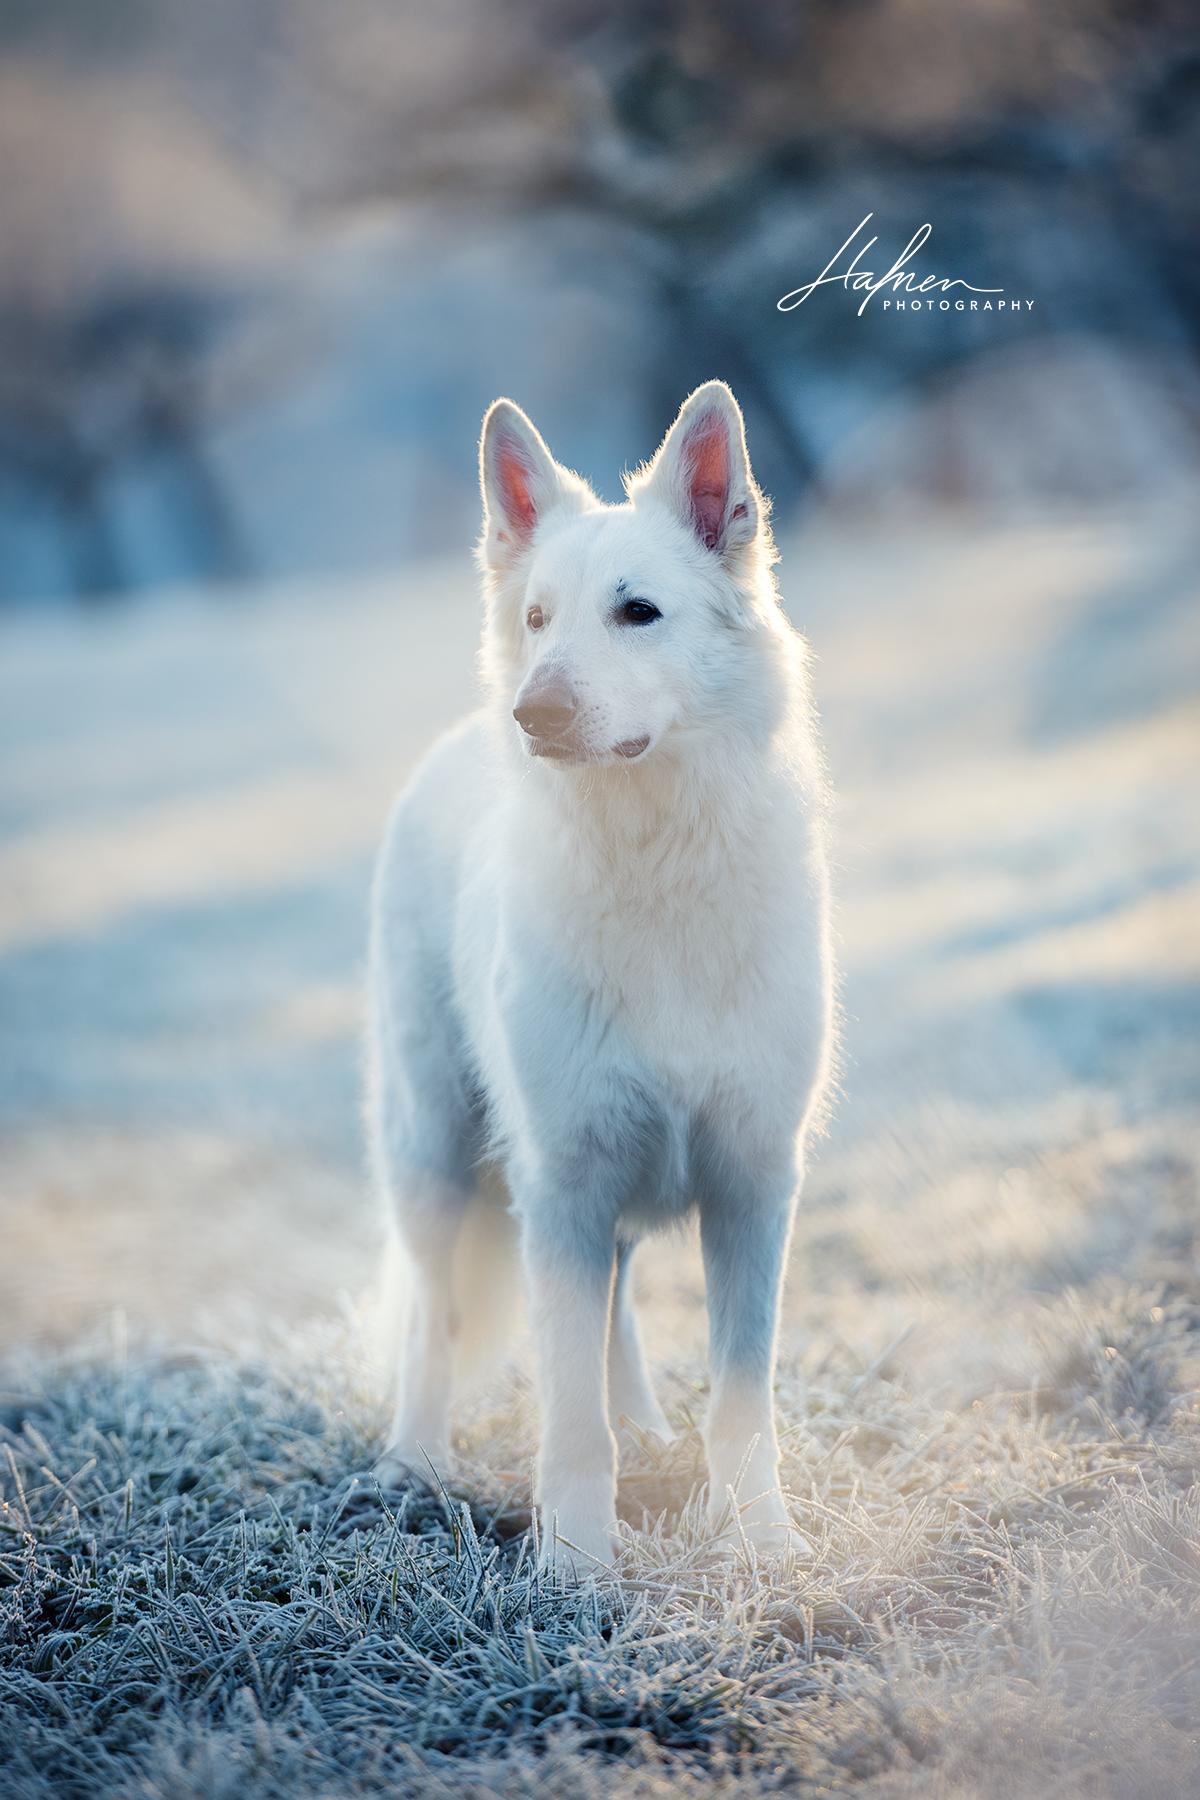 Weisser Schweizer Schaferhund Steht In Winterlandschaft Berger Blanc Suisse Hund Bilder Foto Fotografie Fotosho Hunde Fotos Hunde Bilder Hundefotos